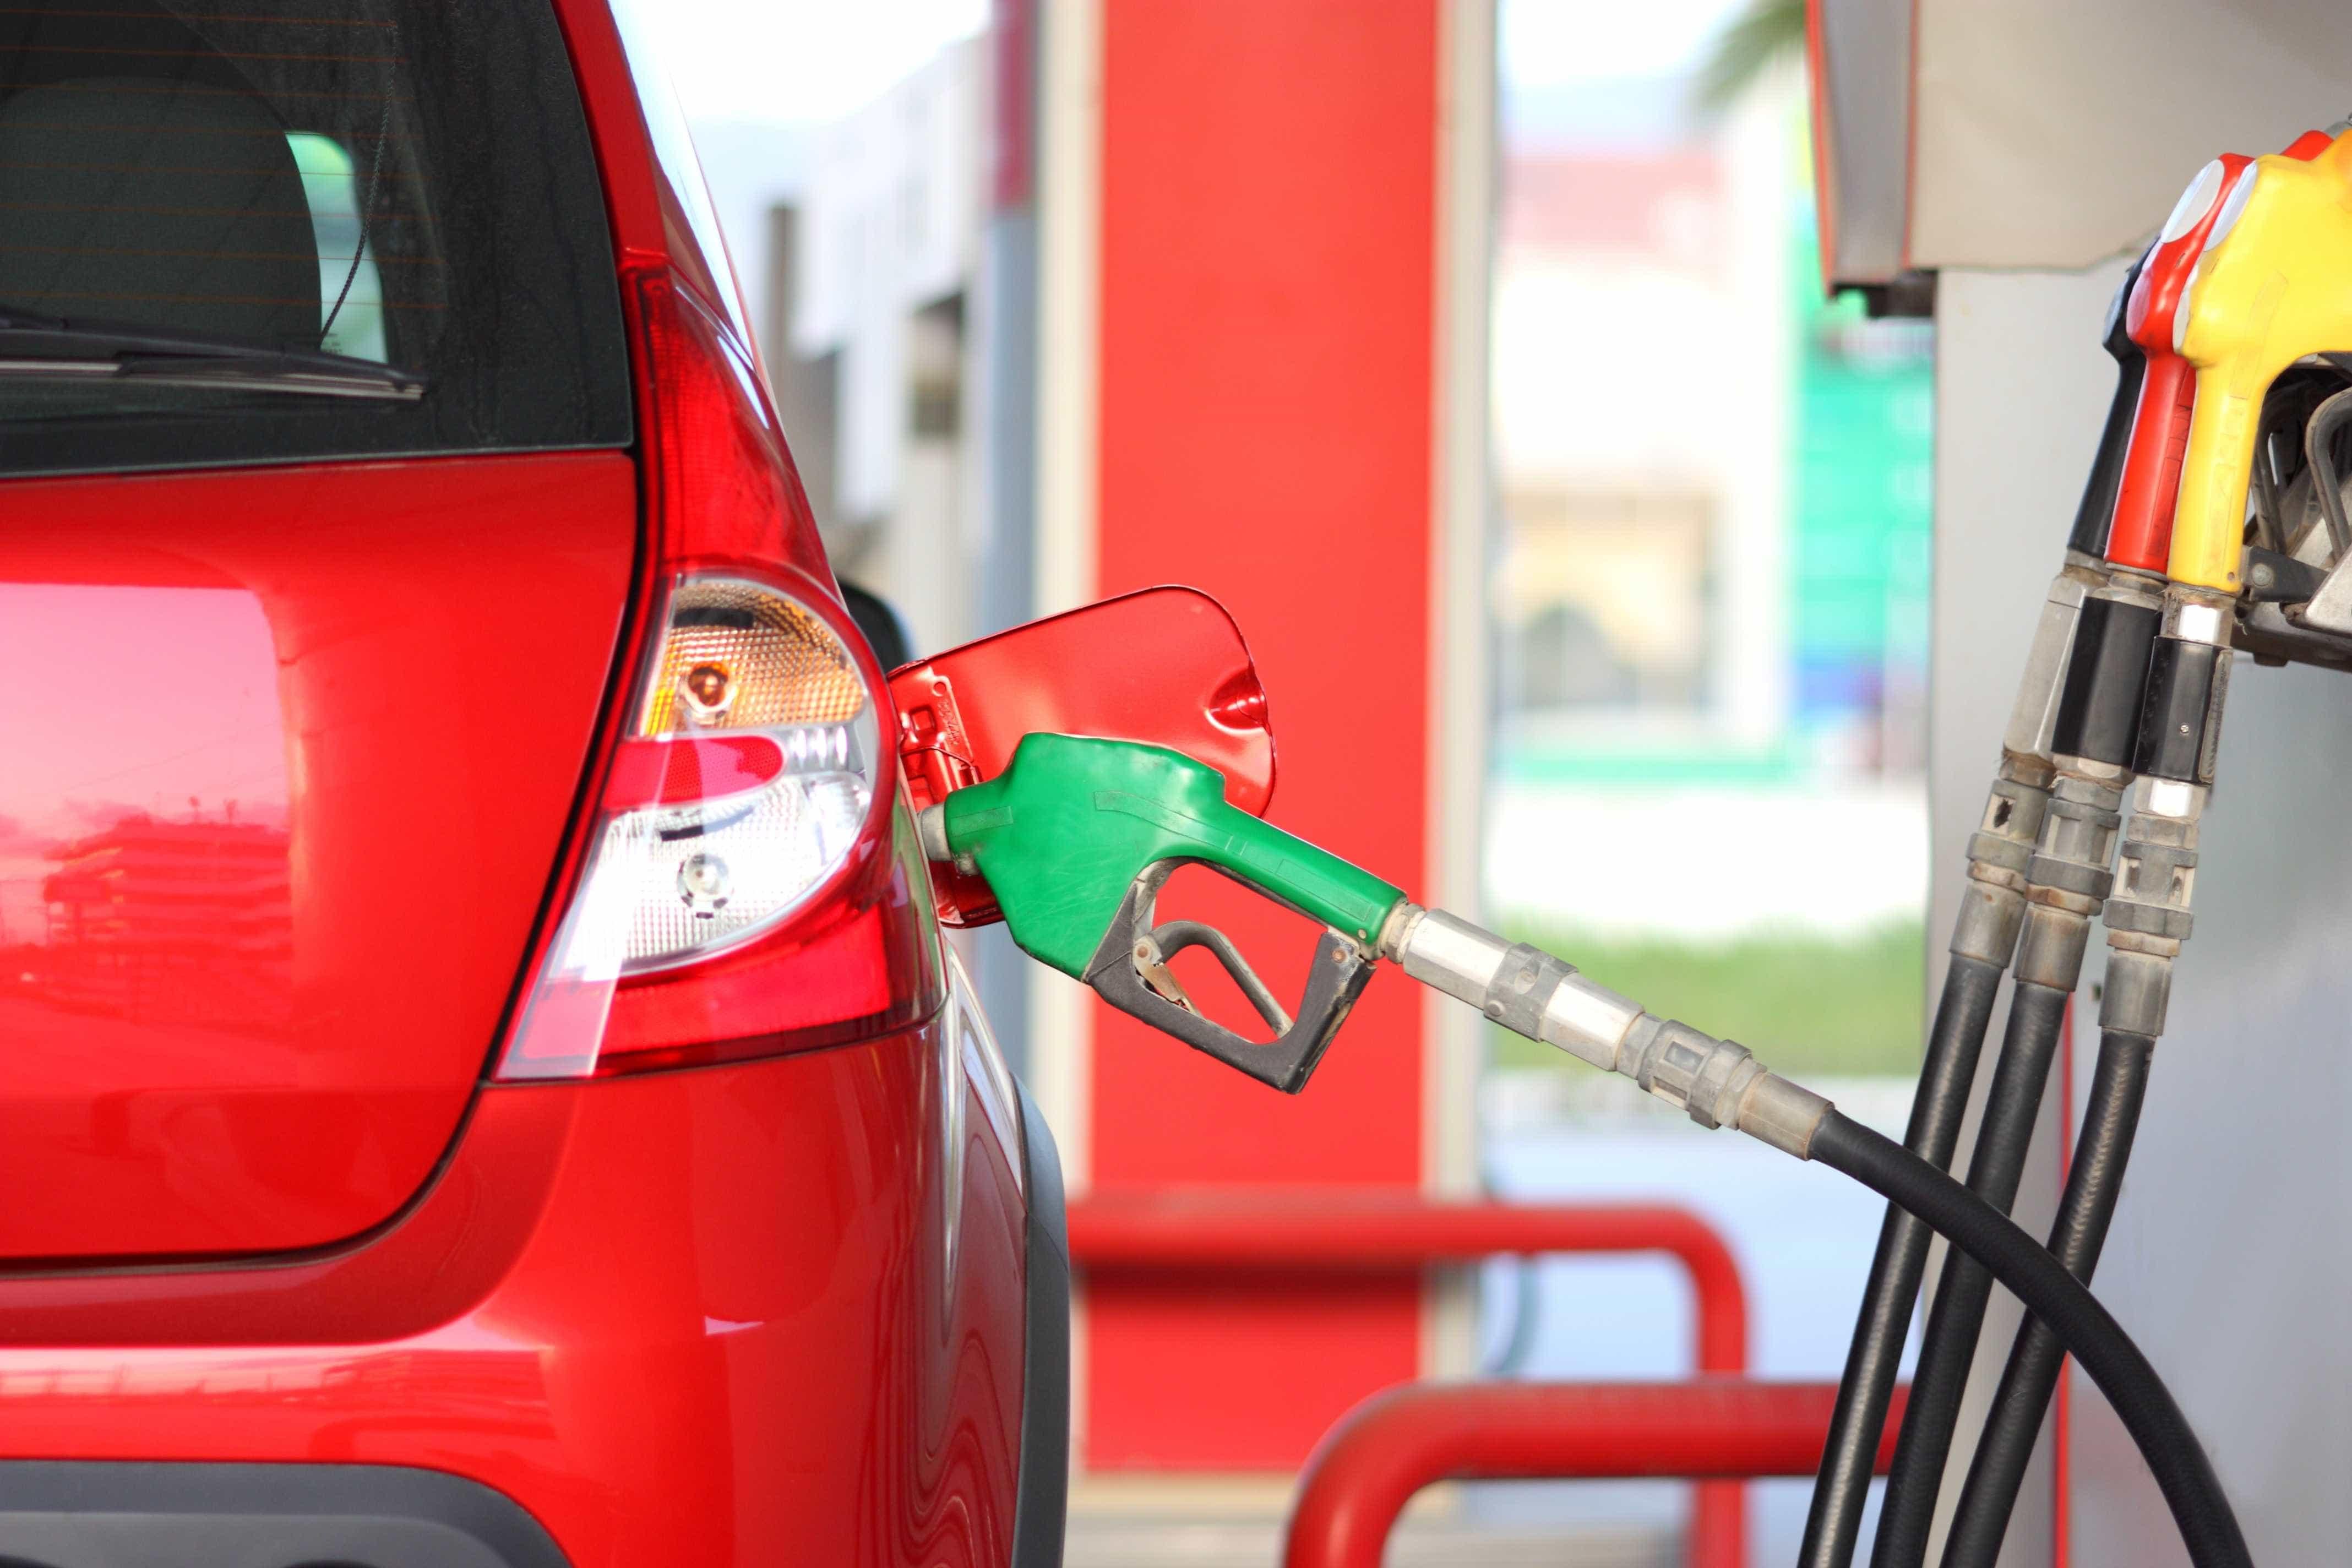 Preços dos combustíveis vão ficar mais caros. Gasolina sobe mais